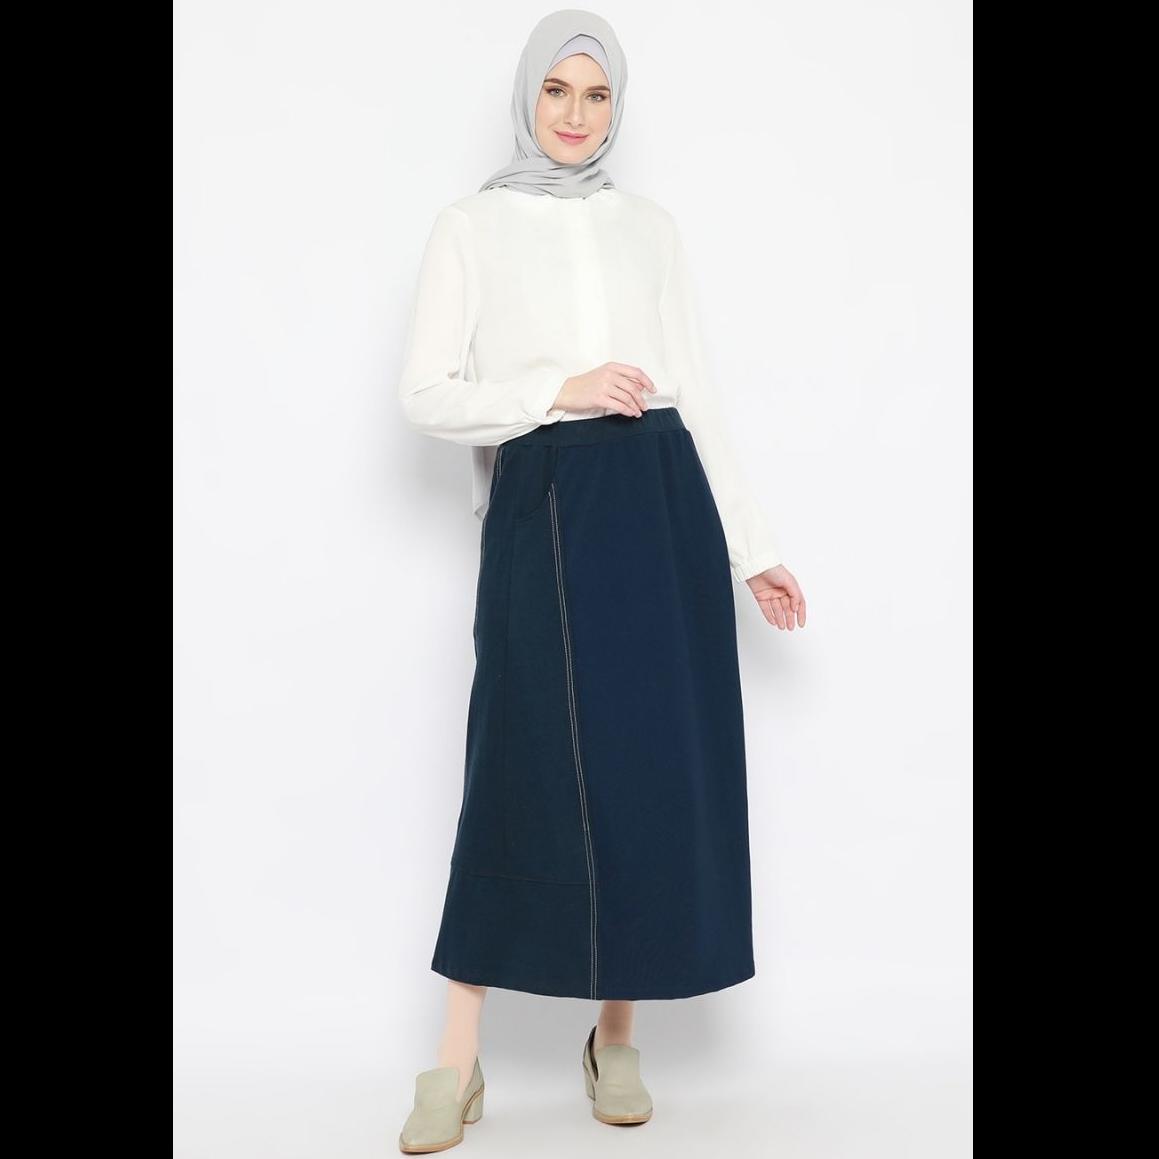 Moulay Skirt Plain 0023 0621 S